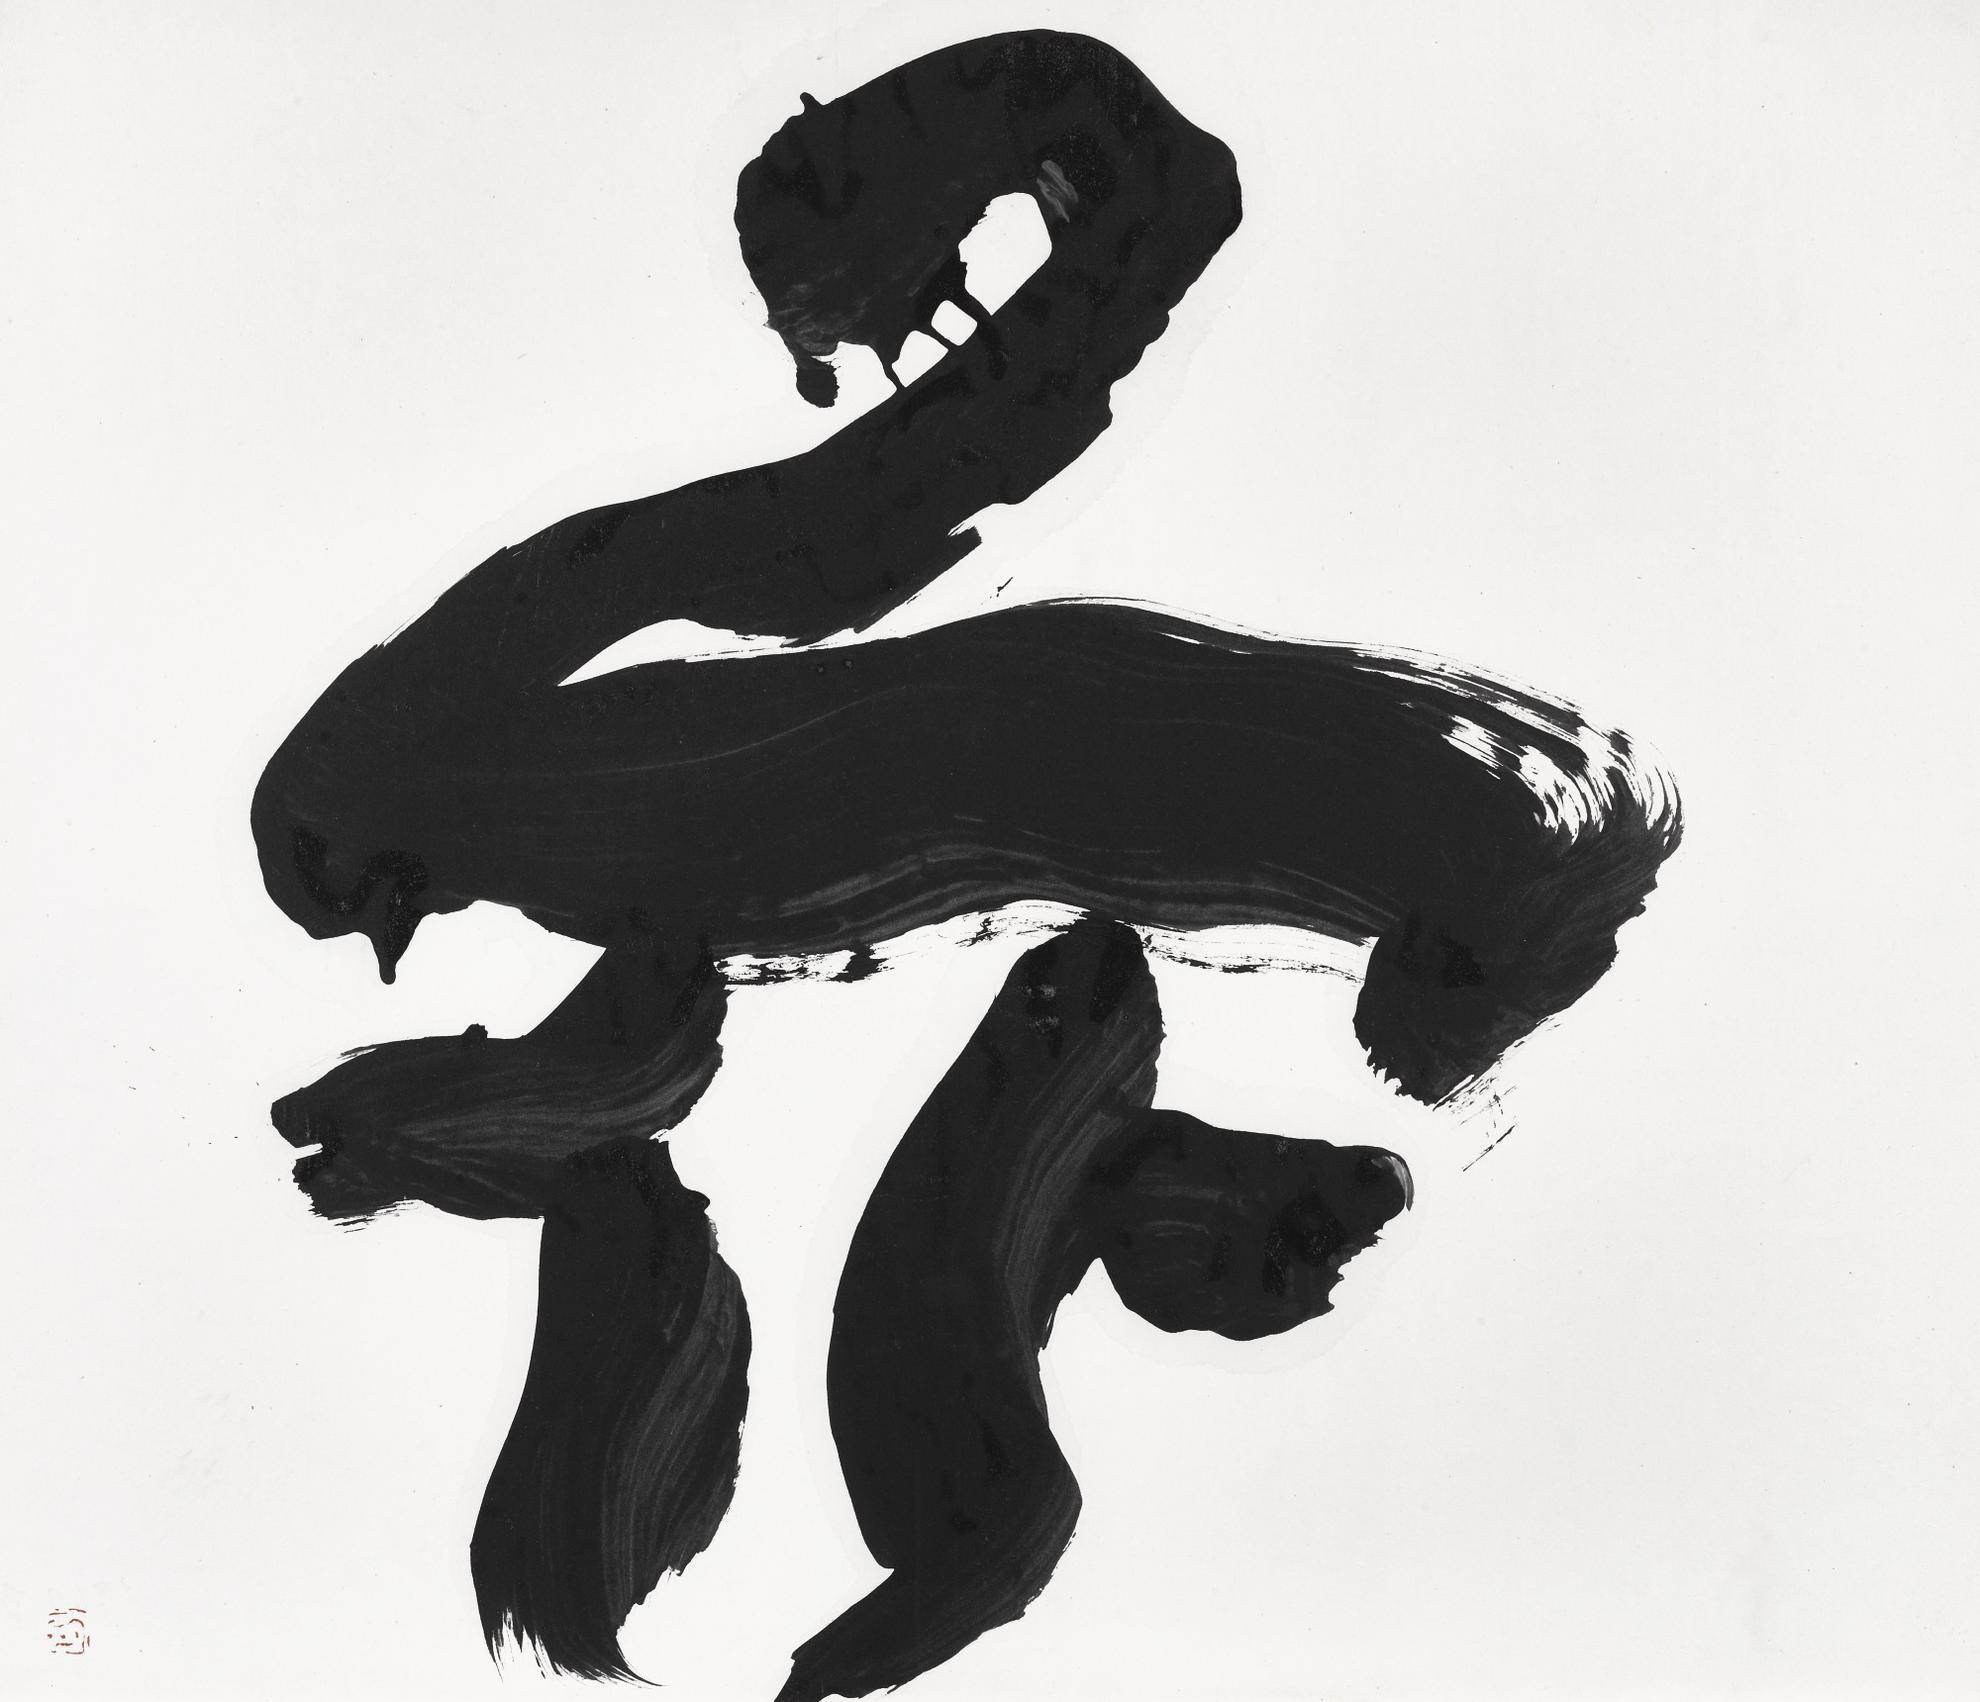 Inoue Yuichi-Hana - Flower-1967